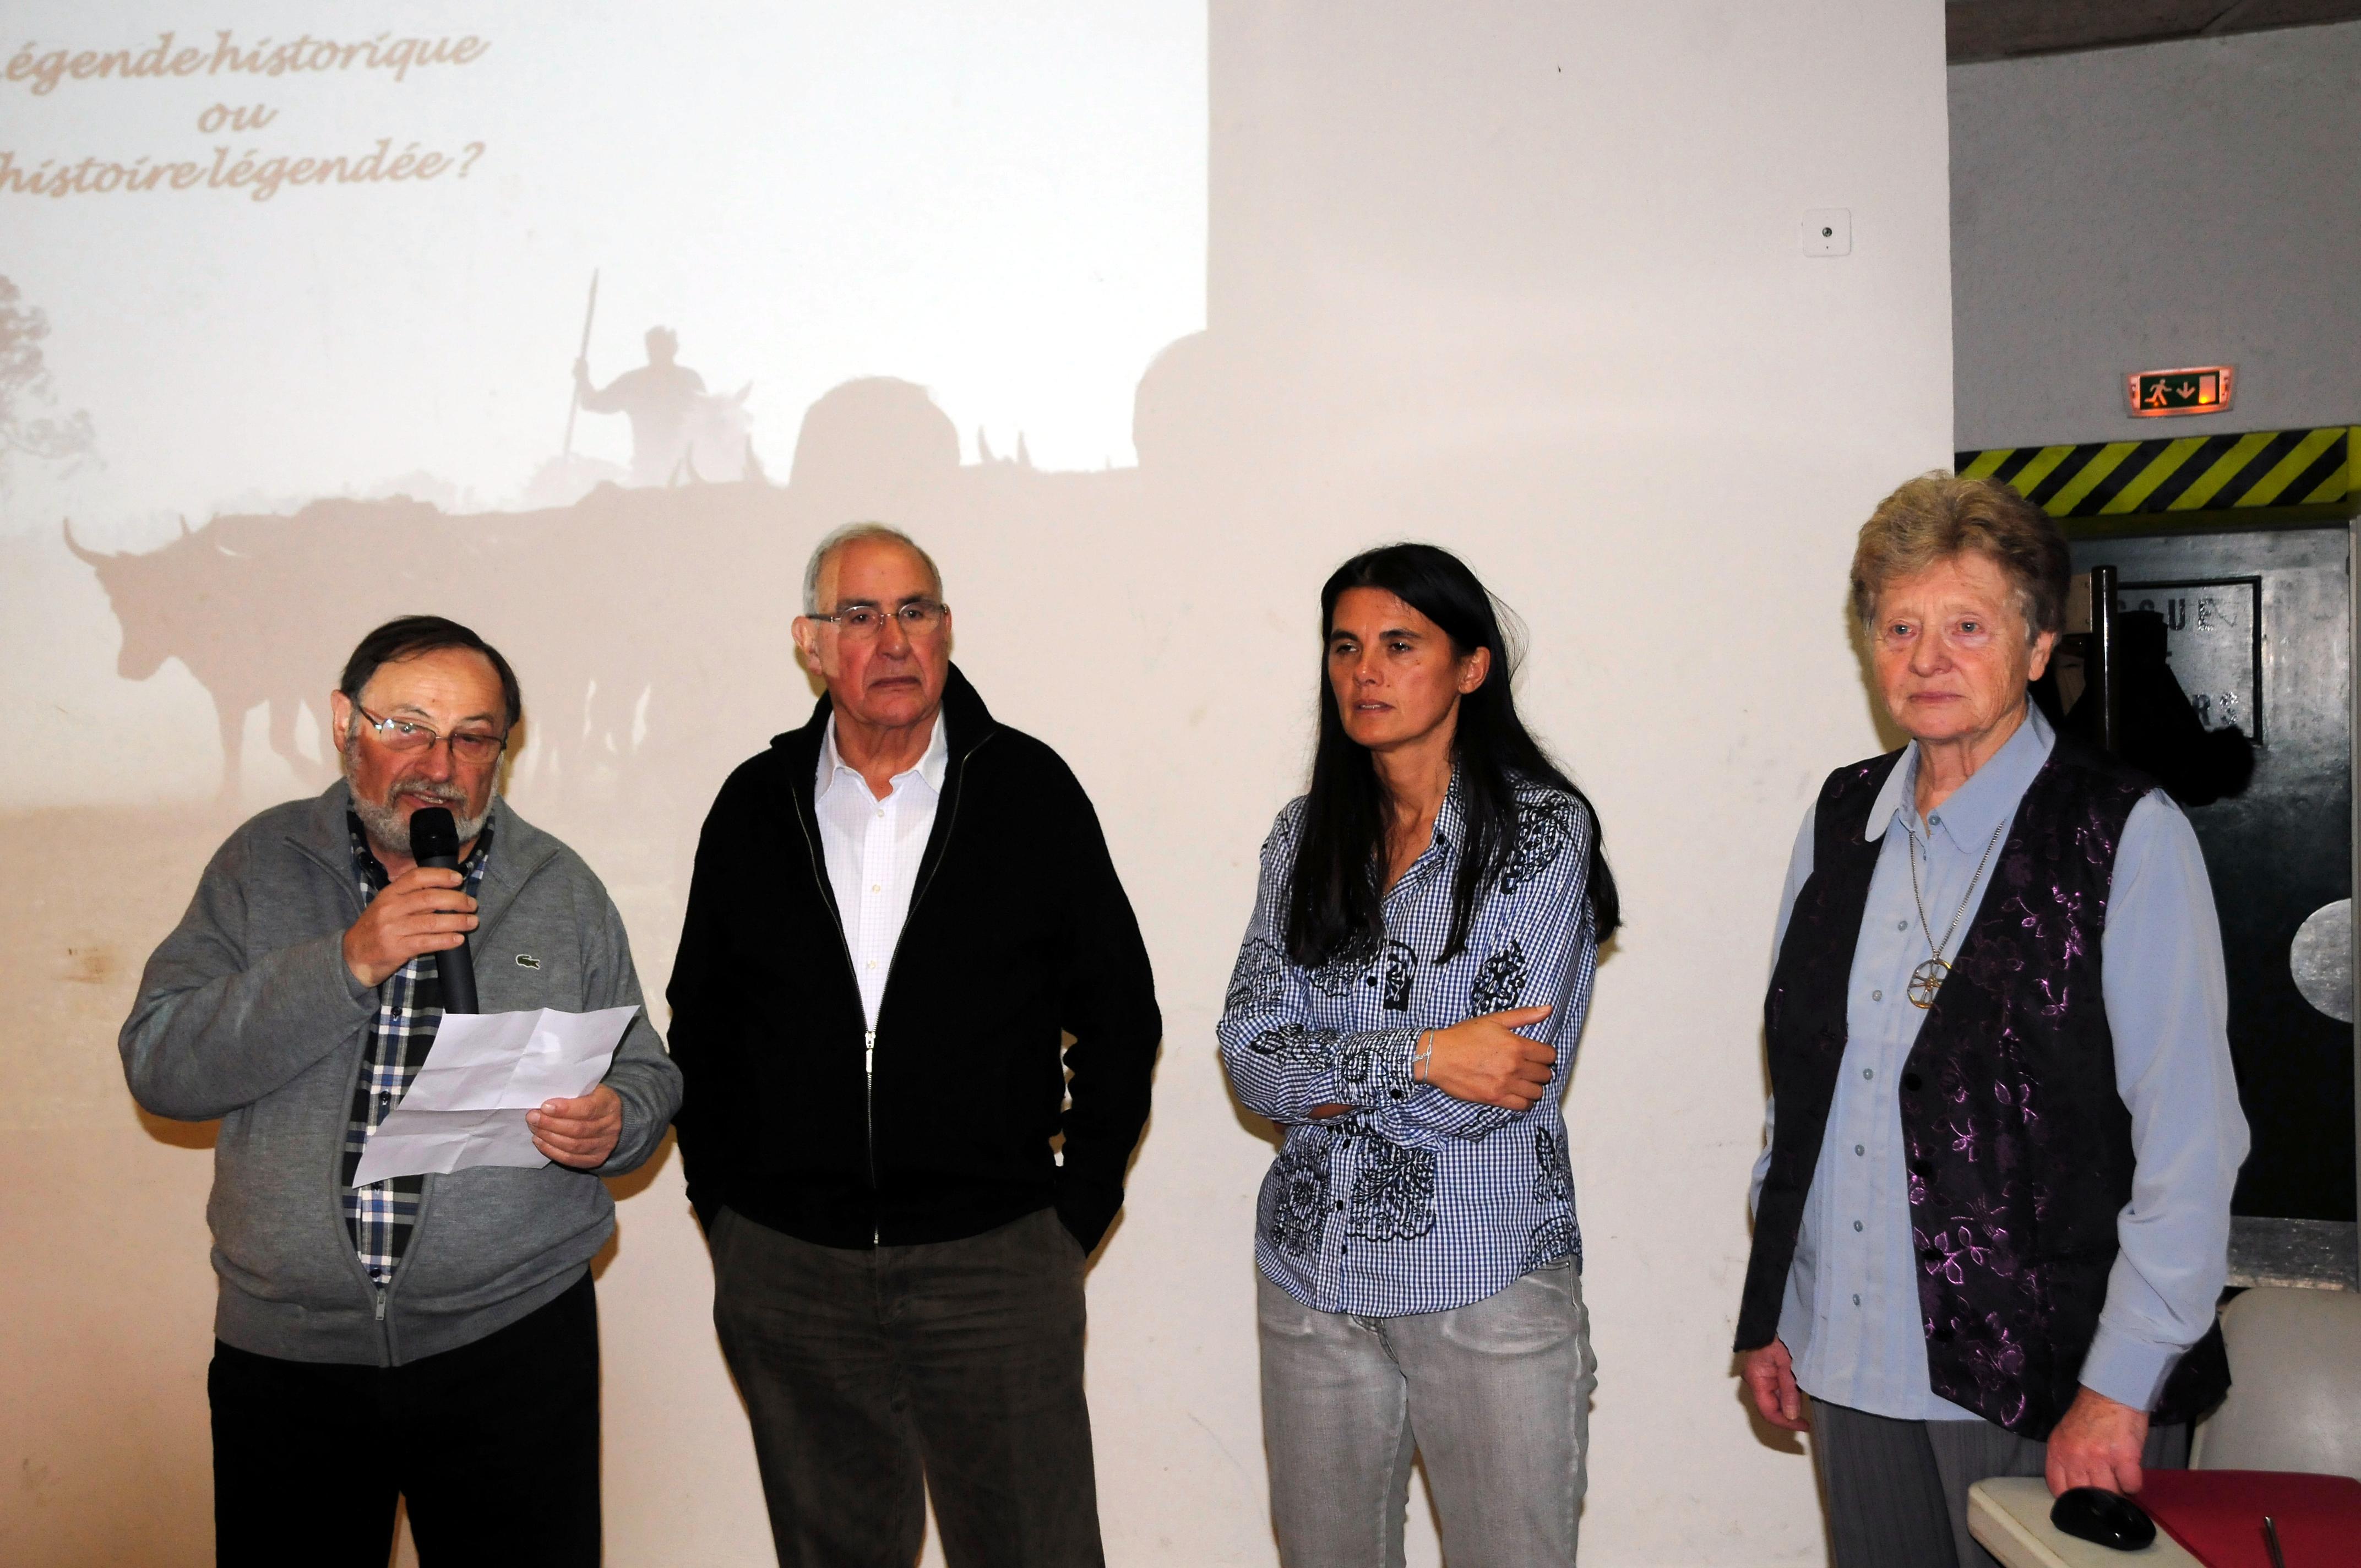 Georges PIERRE,André GARDIES,Annelyse CHEVALIER et Monique BARRIERE.JPG